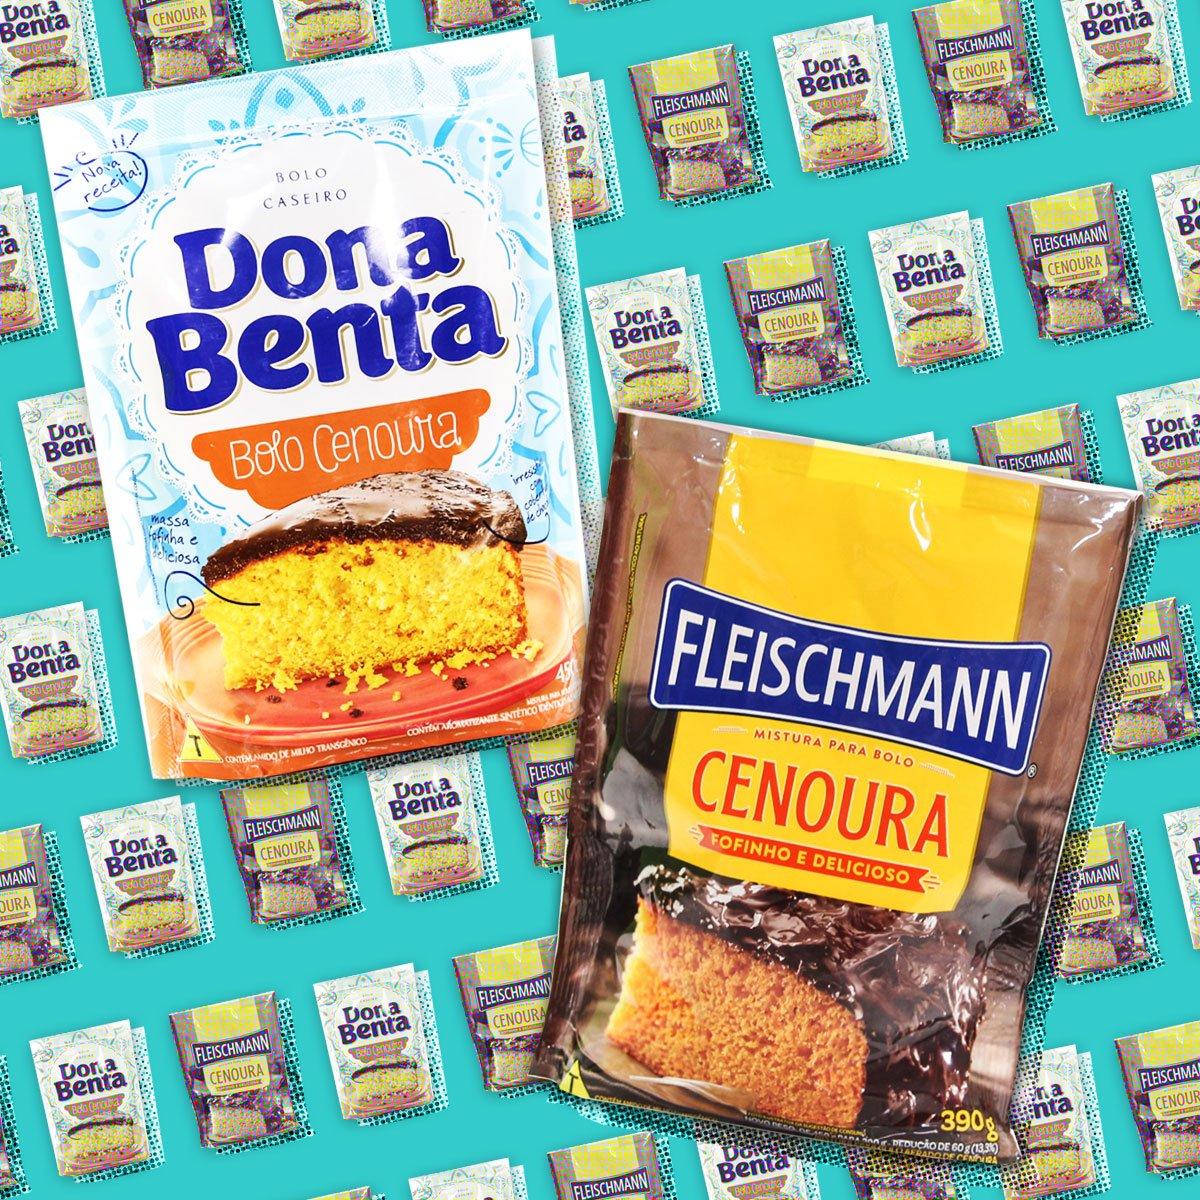 Colagem com as embalagem das misturas de bolo de cenoura da dona benta e fleischmann.